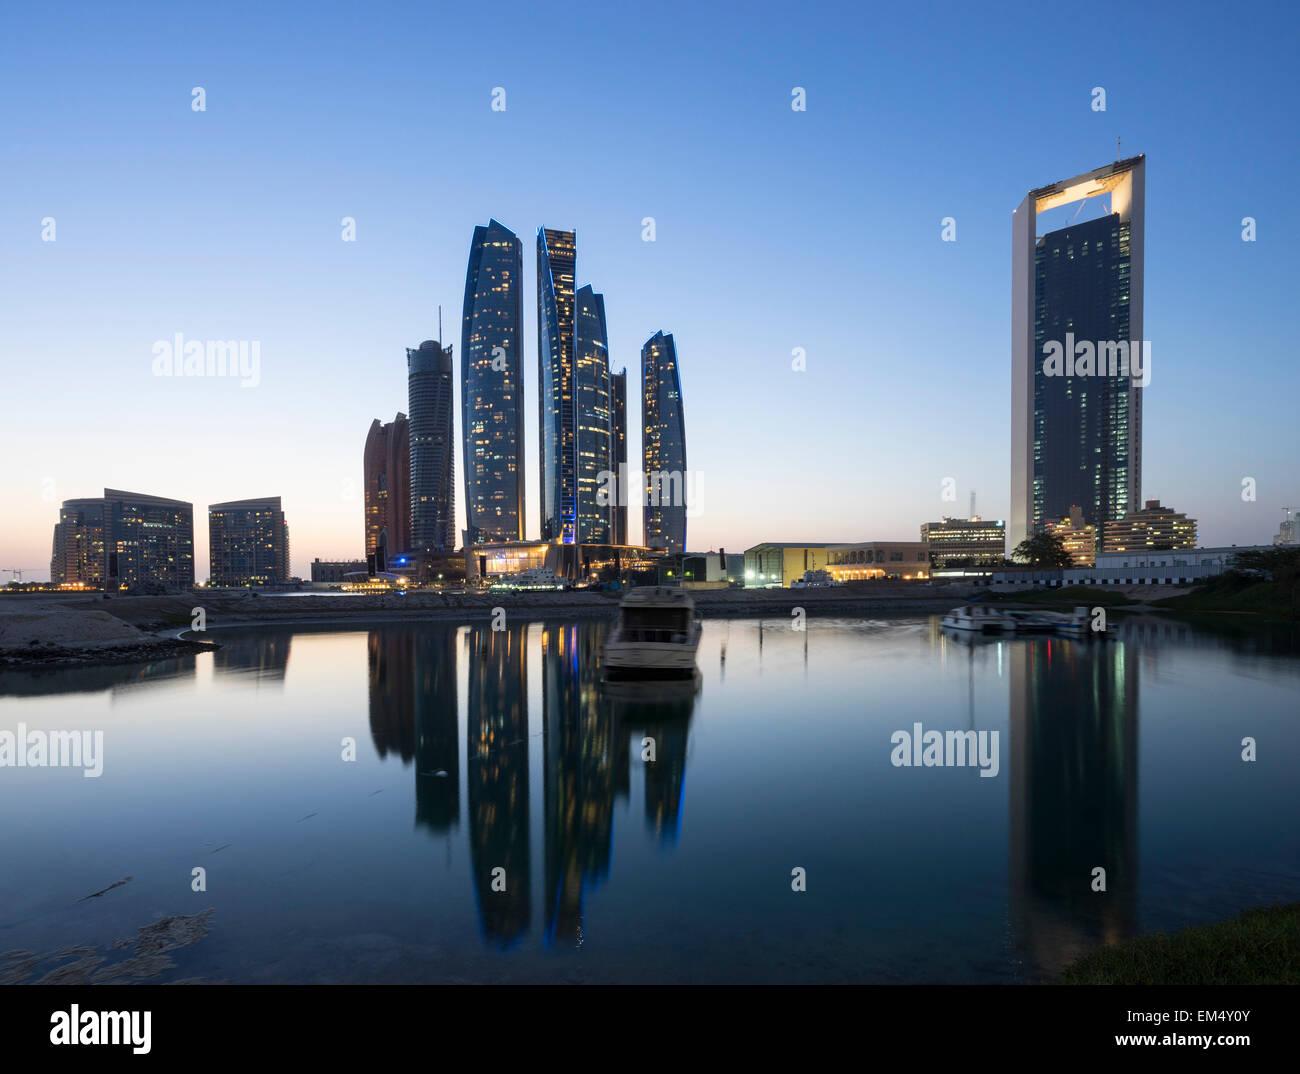 Notte vista sullo skyline di Etihad Towers di Abu Dhabi negli Emirati Arabi Uniti Immagini Stock